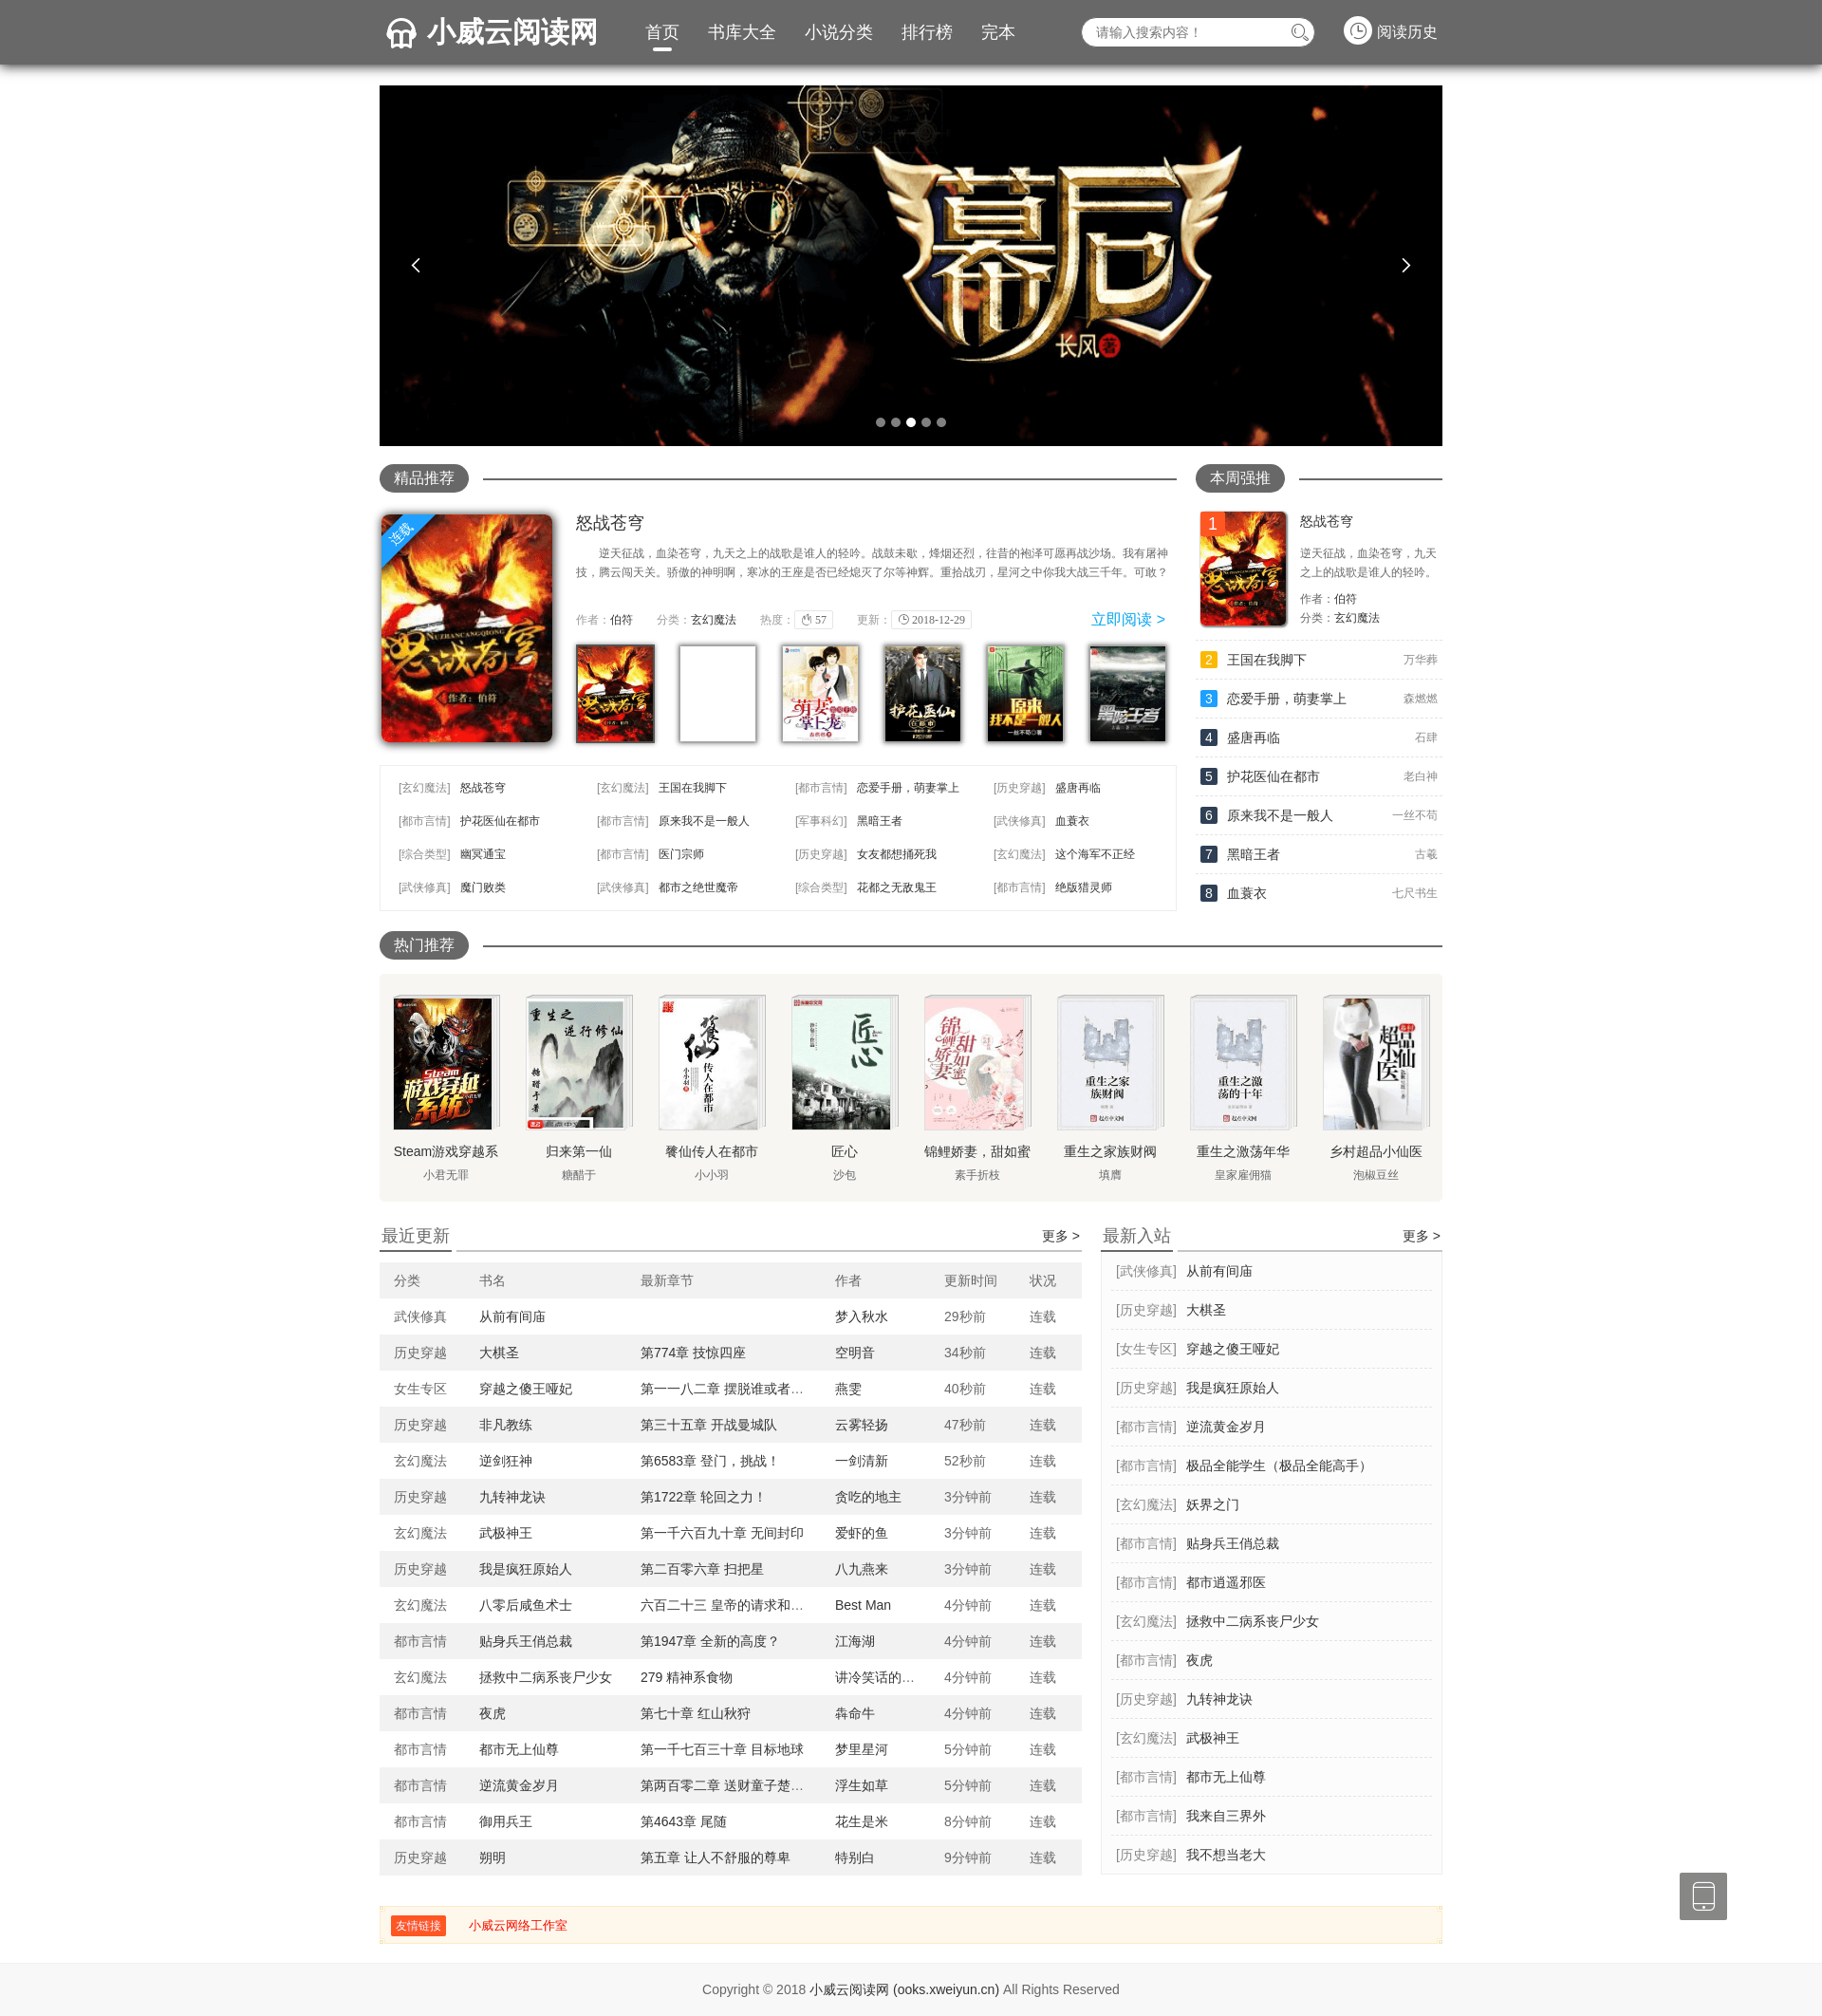 小威云阅读网-高质量小说在线免费阅读及TXT下载 - 在线听书.png